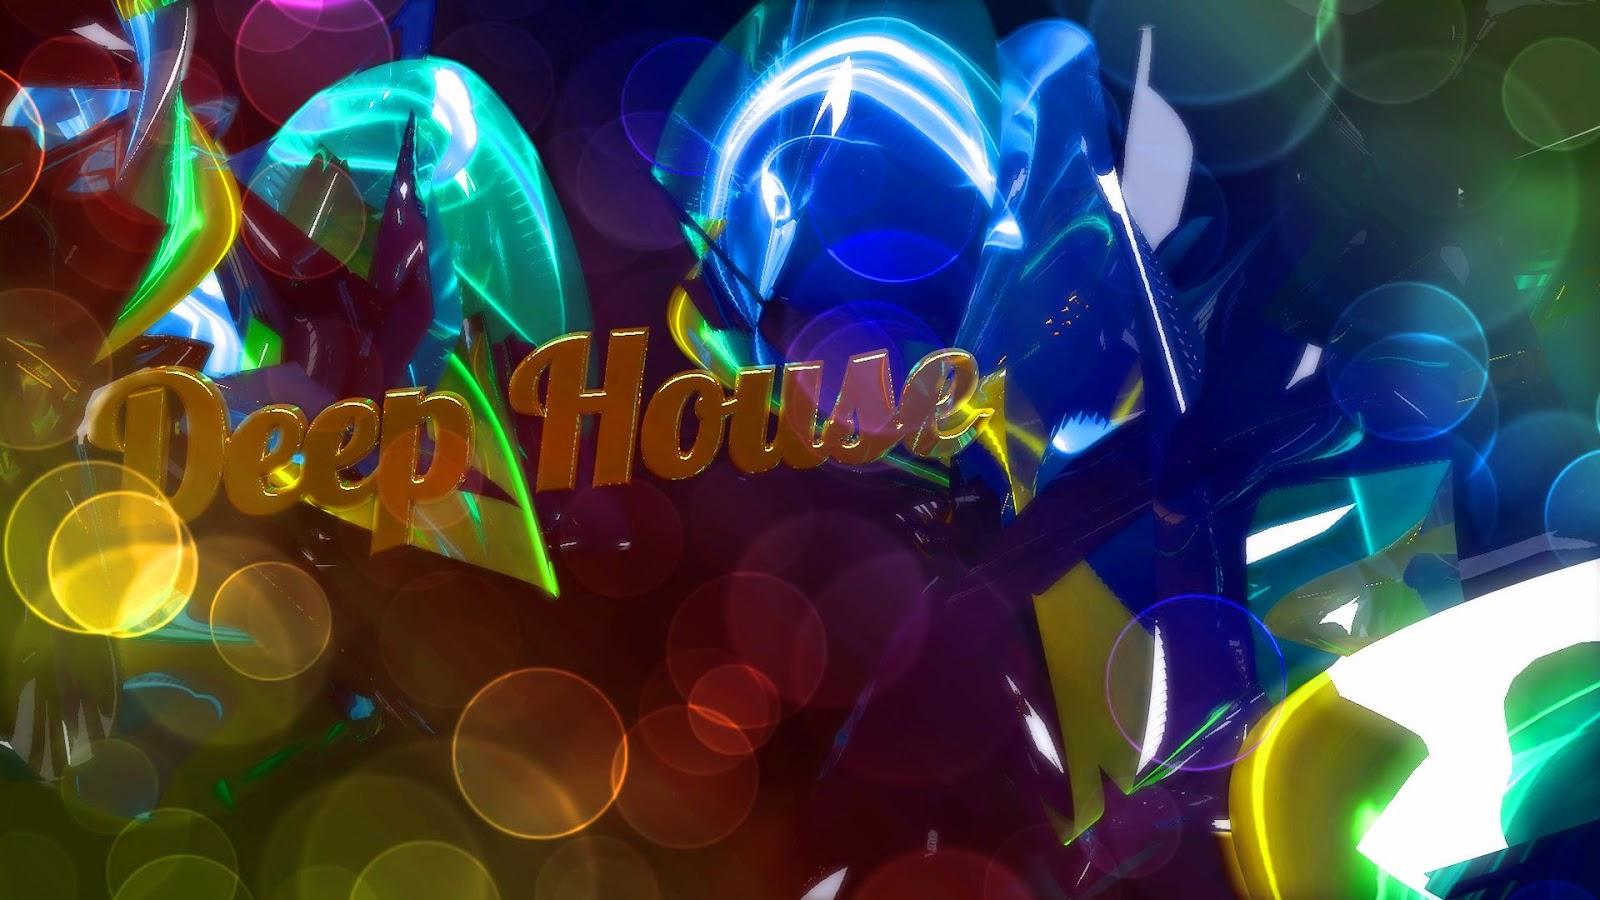 Deep House HD wallpaper 1920x1080 1600x900